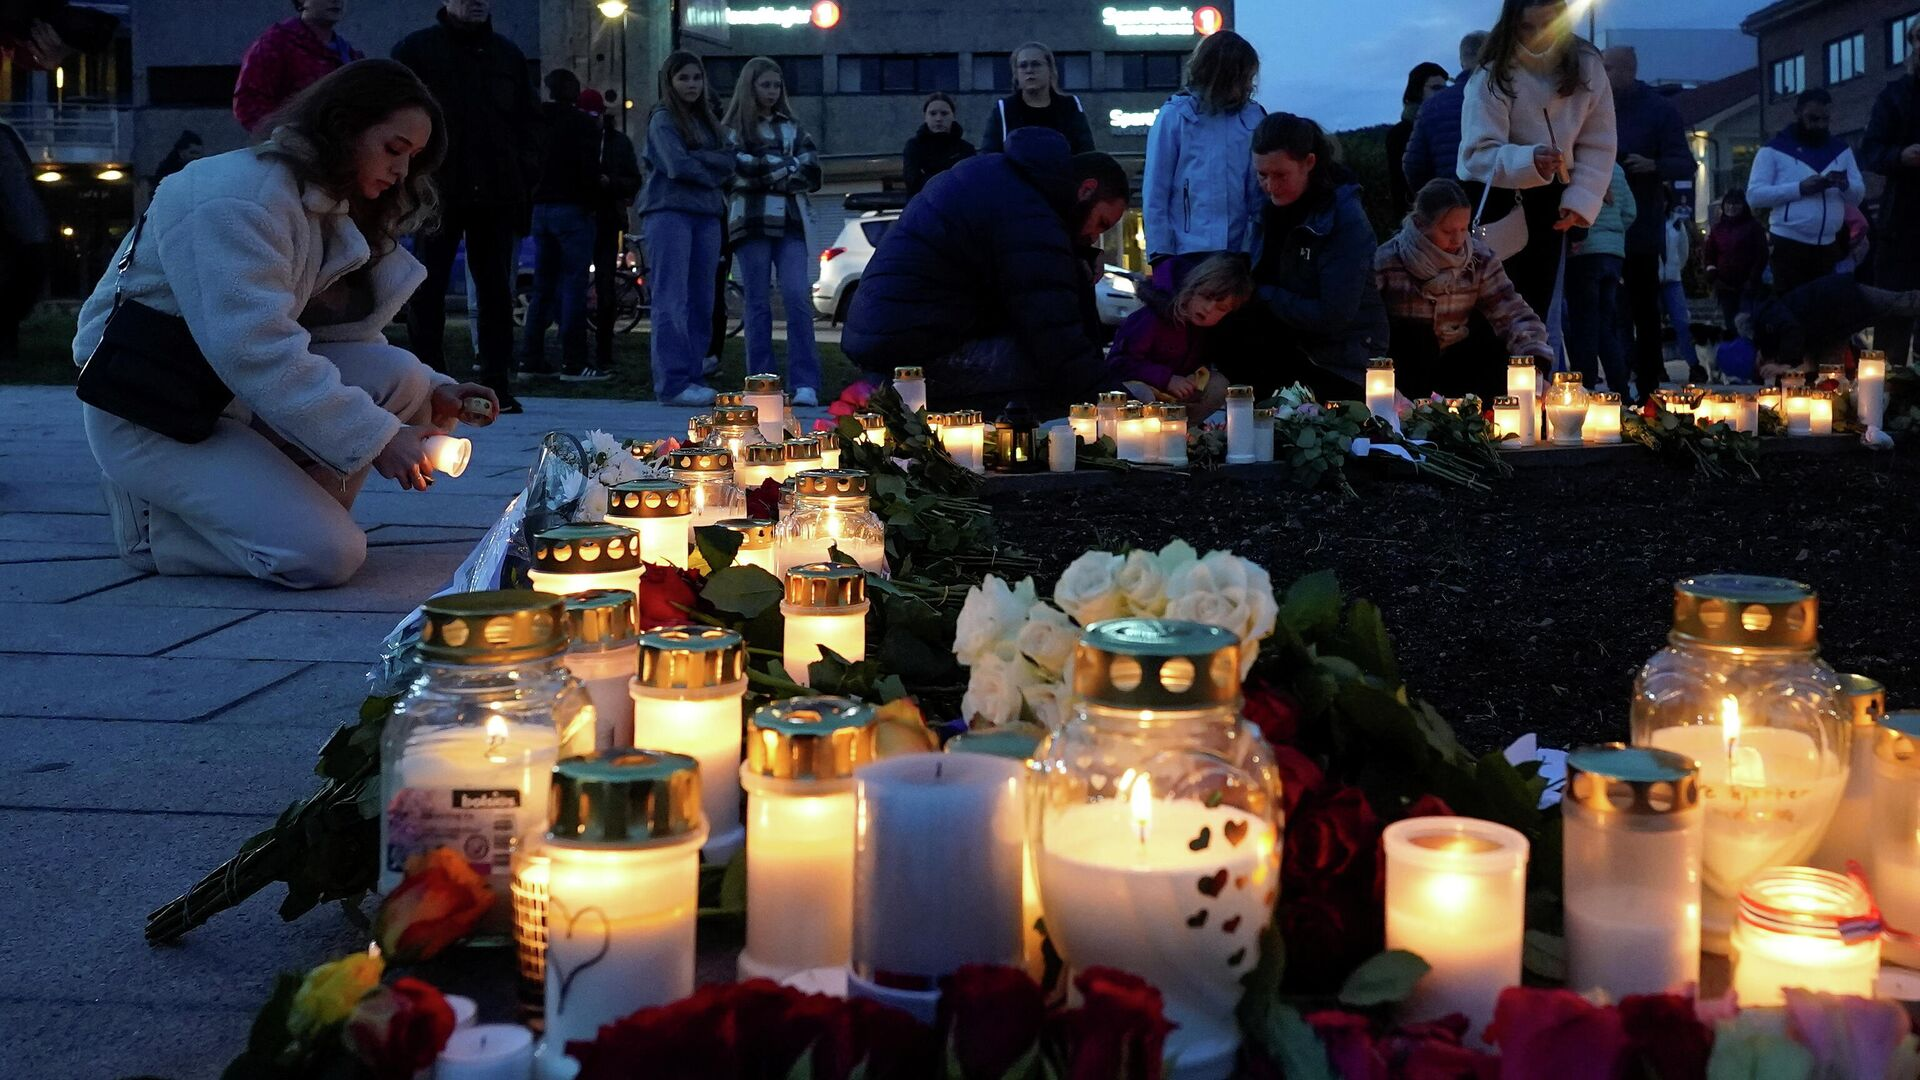 Menschen legen nach einem tödlichen Anschlag in Kongsberg, Norwegen, Blumen nieder und zünden Kerzen an, 14. Oktober 2021 - SNA, 1920, 14.10.2021